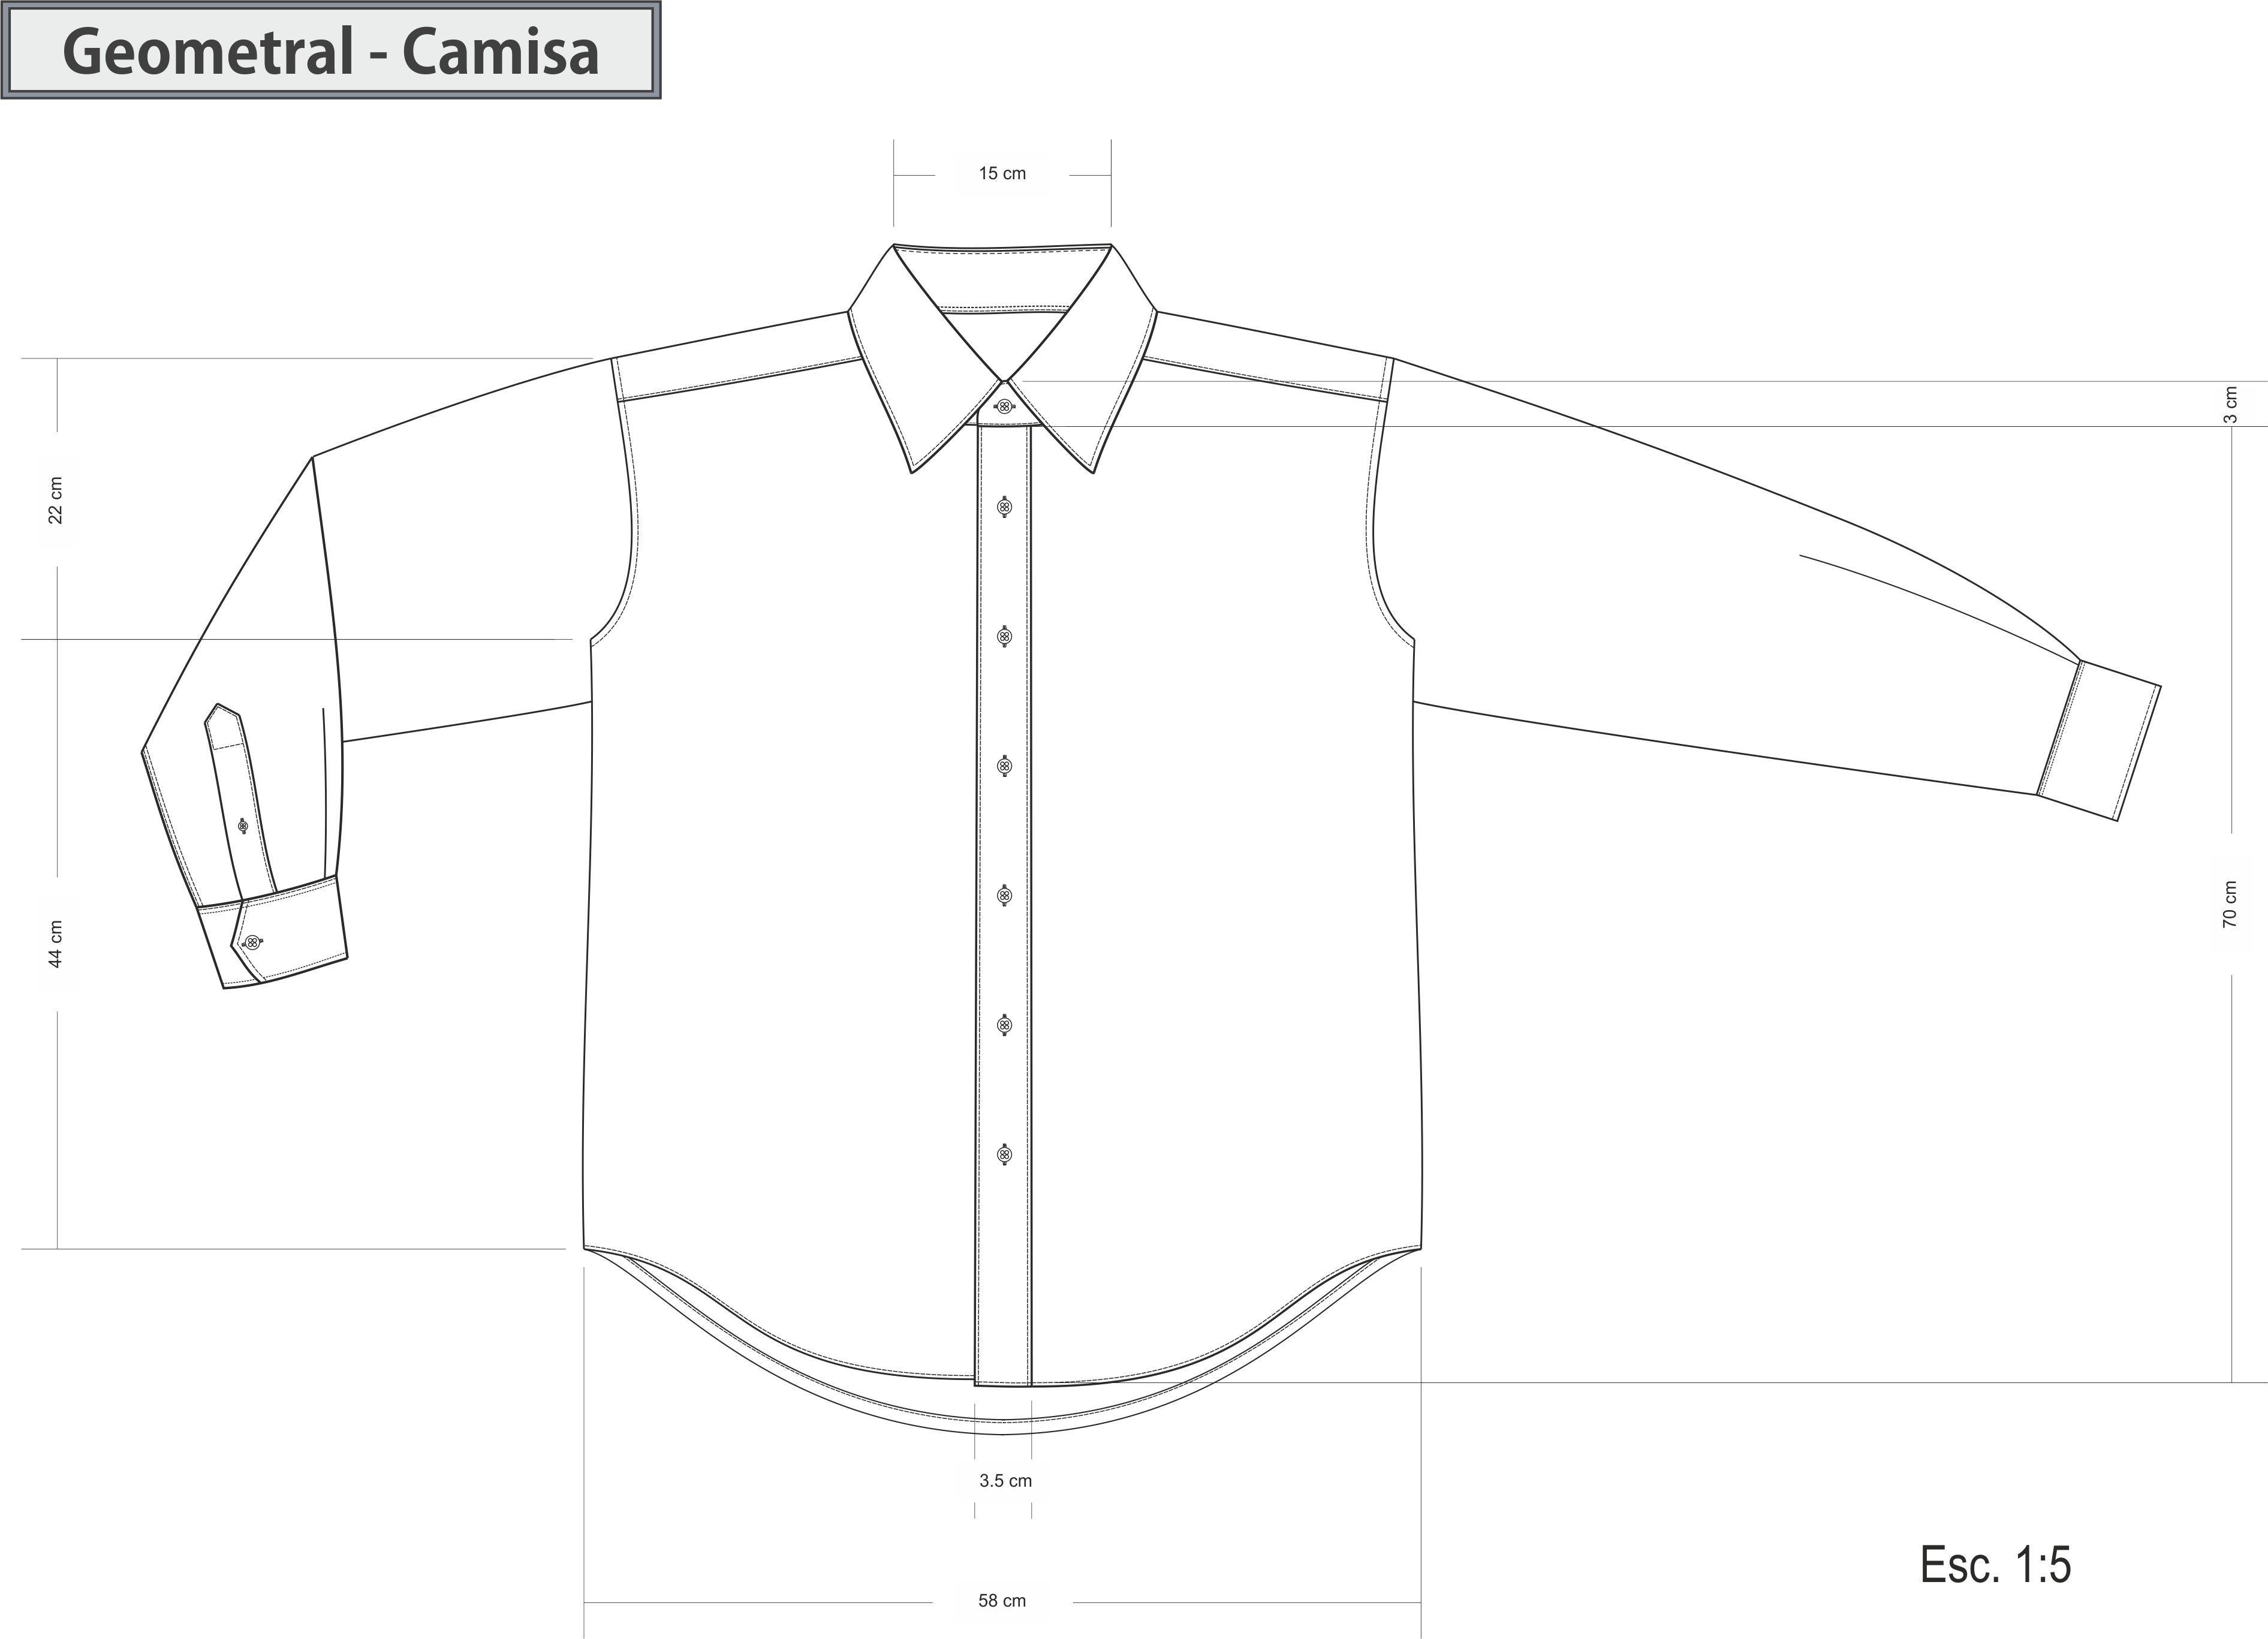 Dibujo Tecnico Geometral Camisa Delantera Diseno De Indumentaria Camisas Ropa Para Ninas